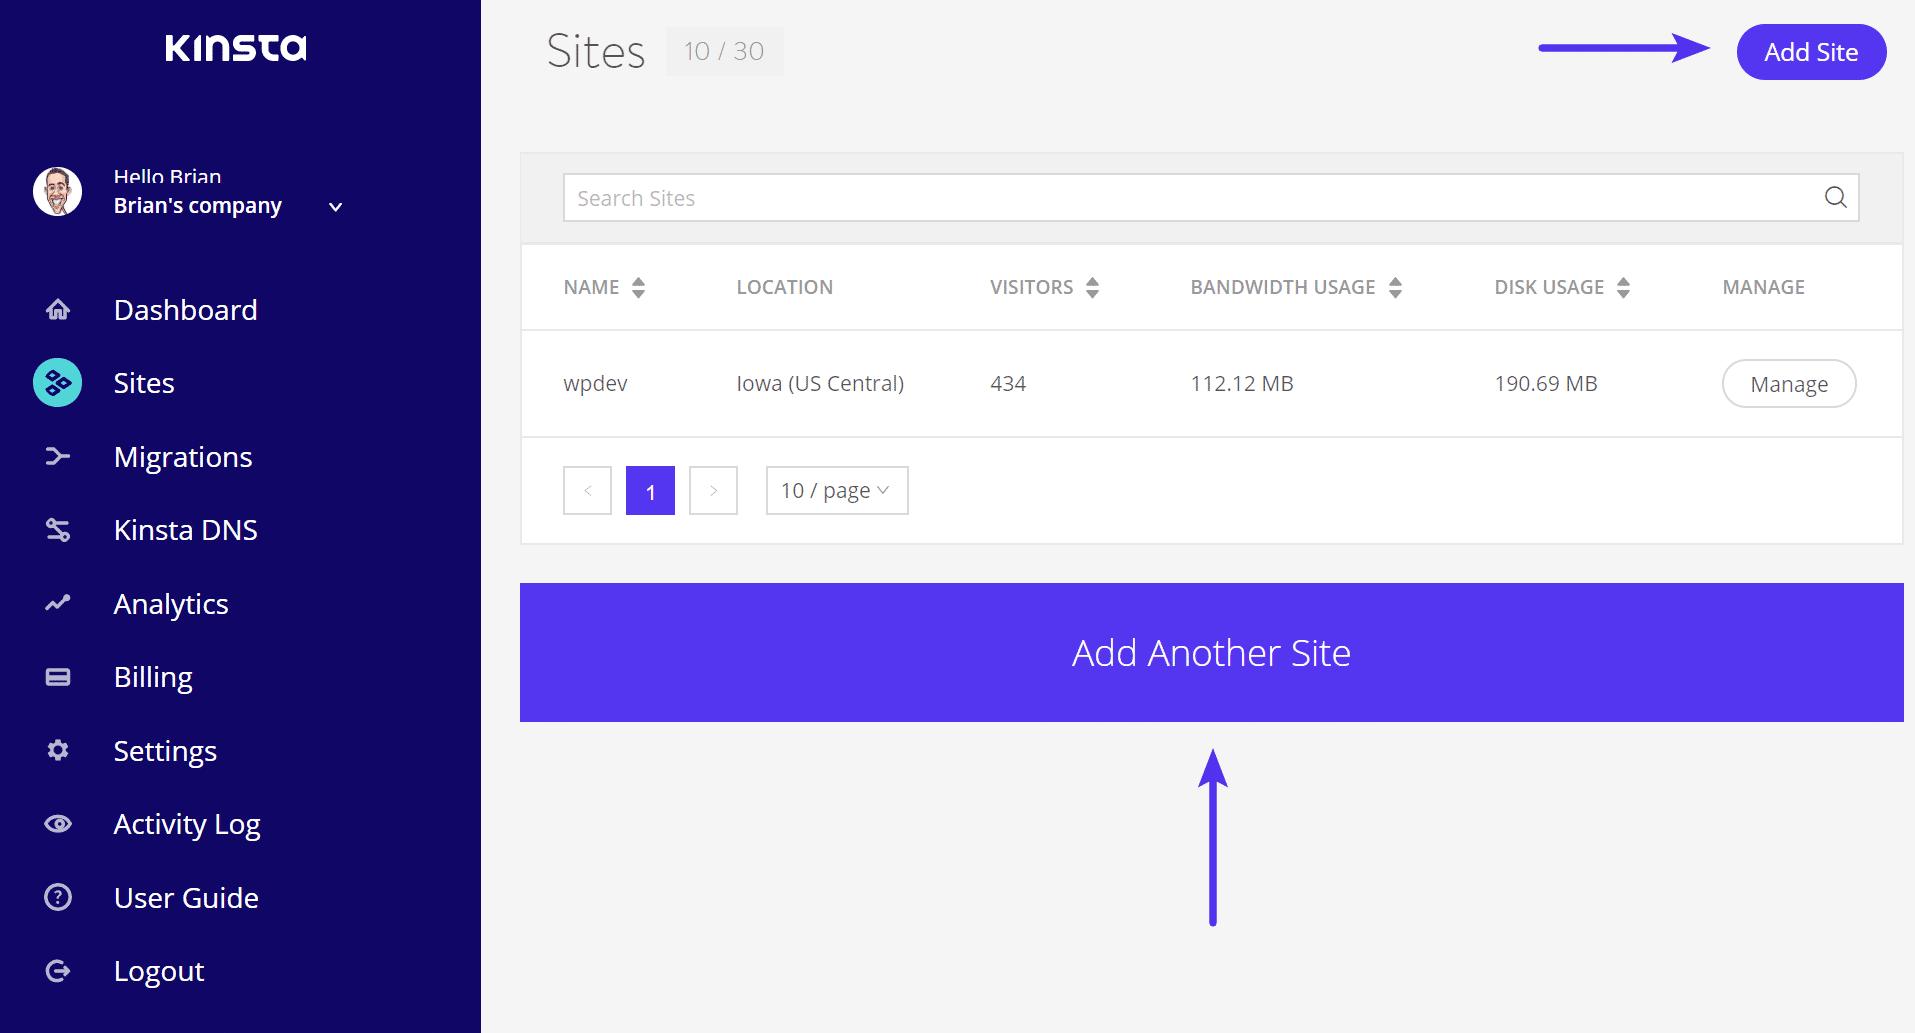 Kinsta-neue-Webseite-hinzufuegen-Schritt-1